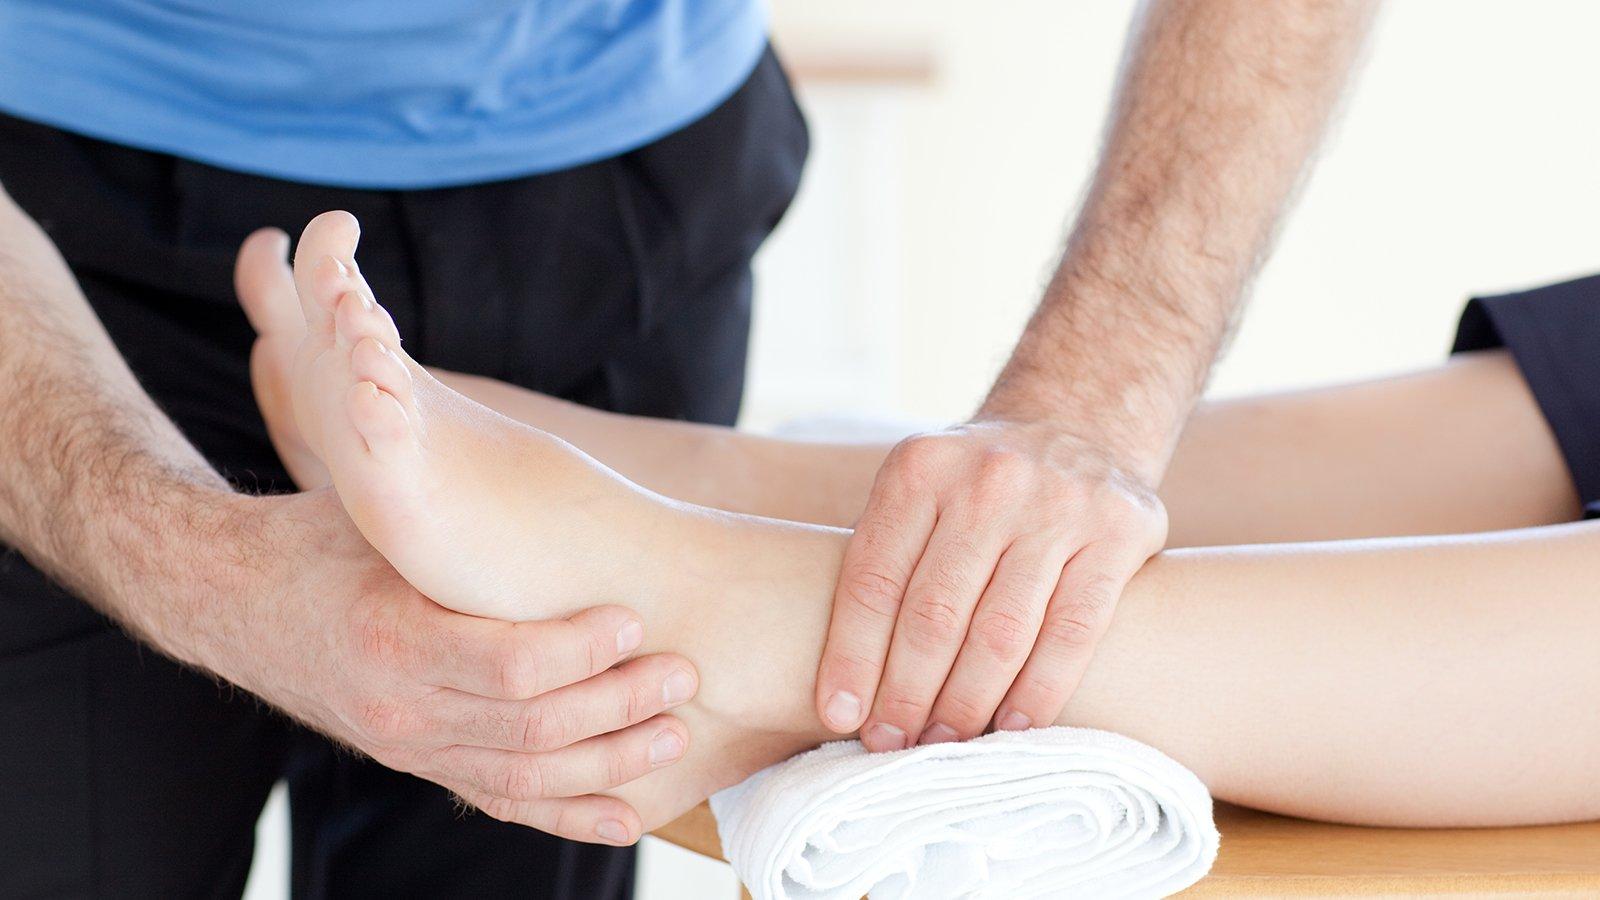 Giovane che riceve massaggio ai piedi